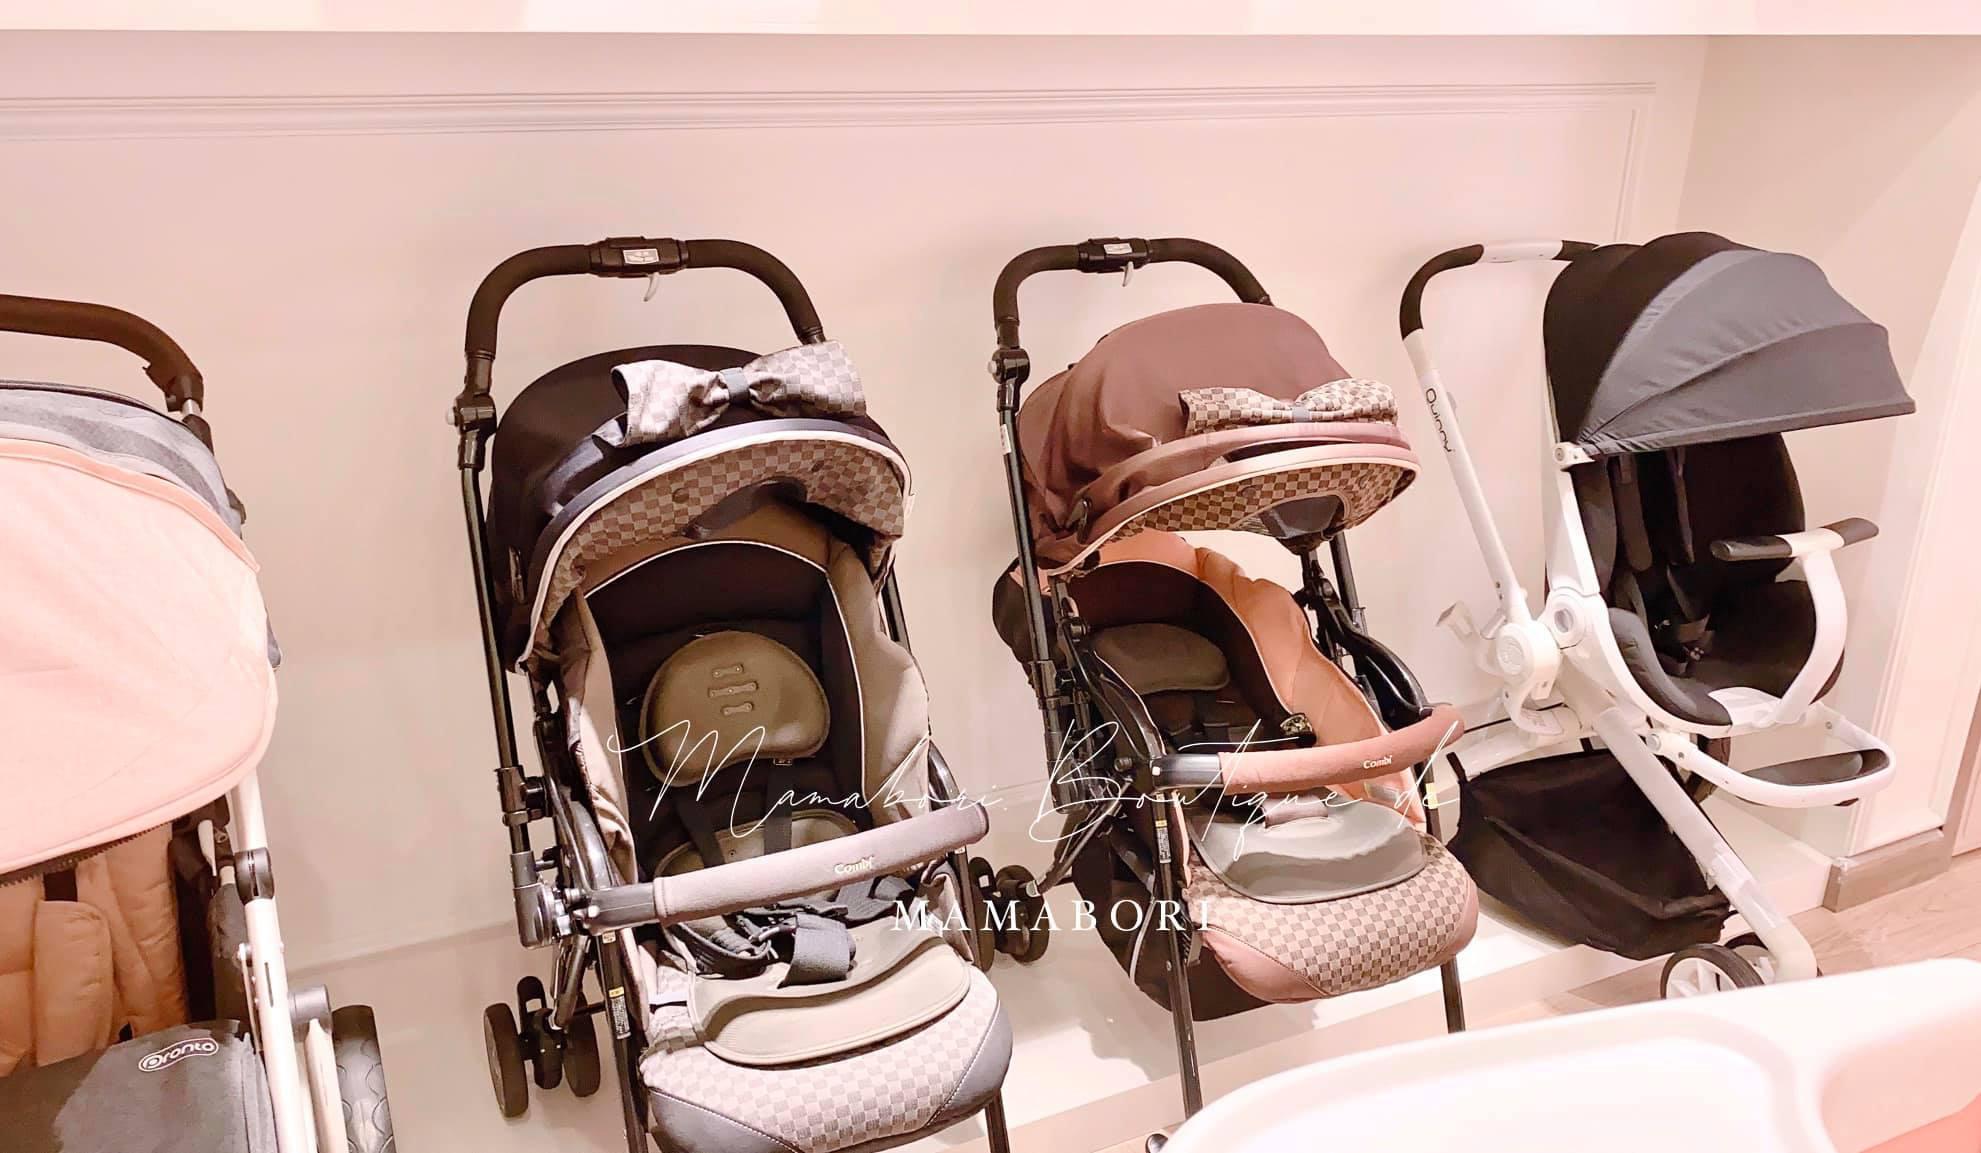 MAMA BORI – Thương hiệu dành cho các mẹ bỉm sữa đích thực - Ảnh 1.